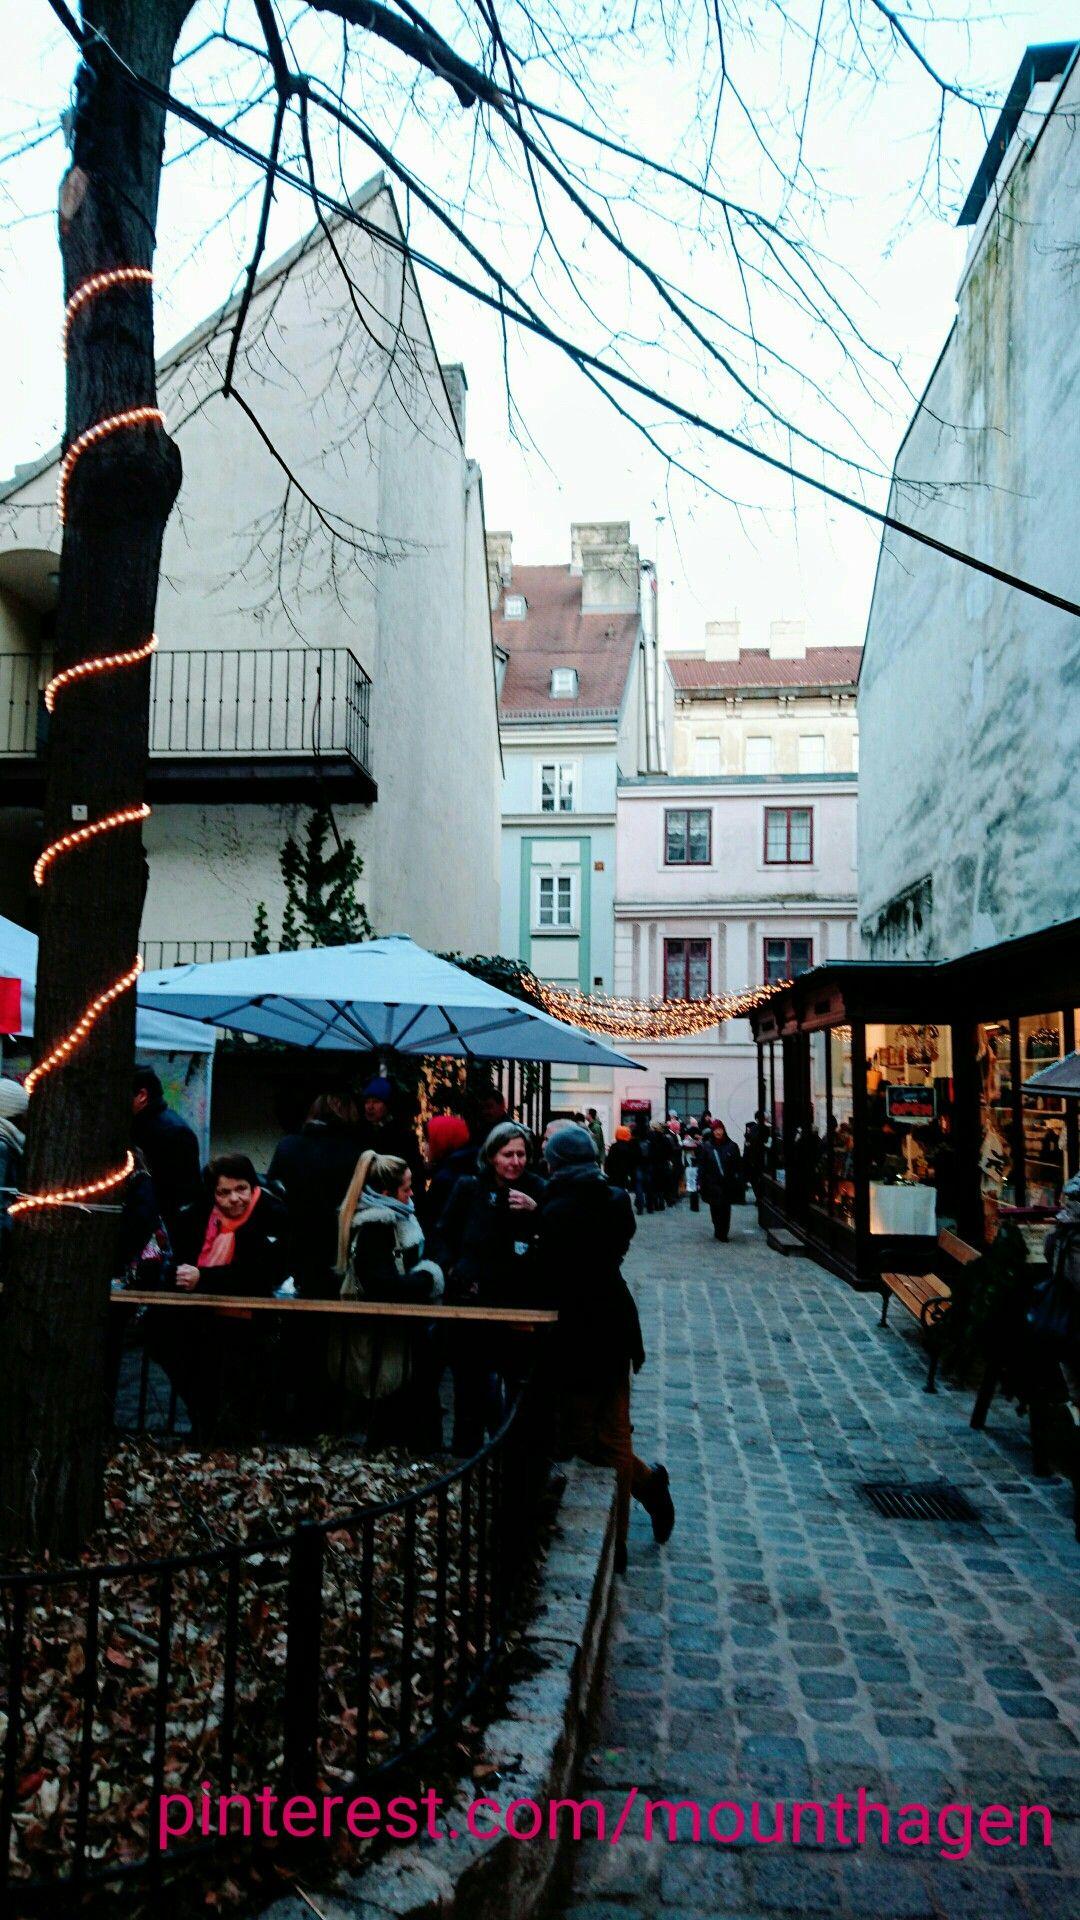 Christmas Market Spittelberg In Vienna Austria Osterreich Wien